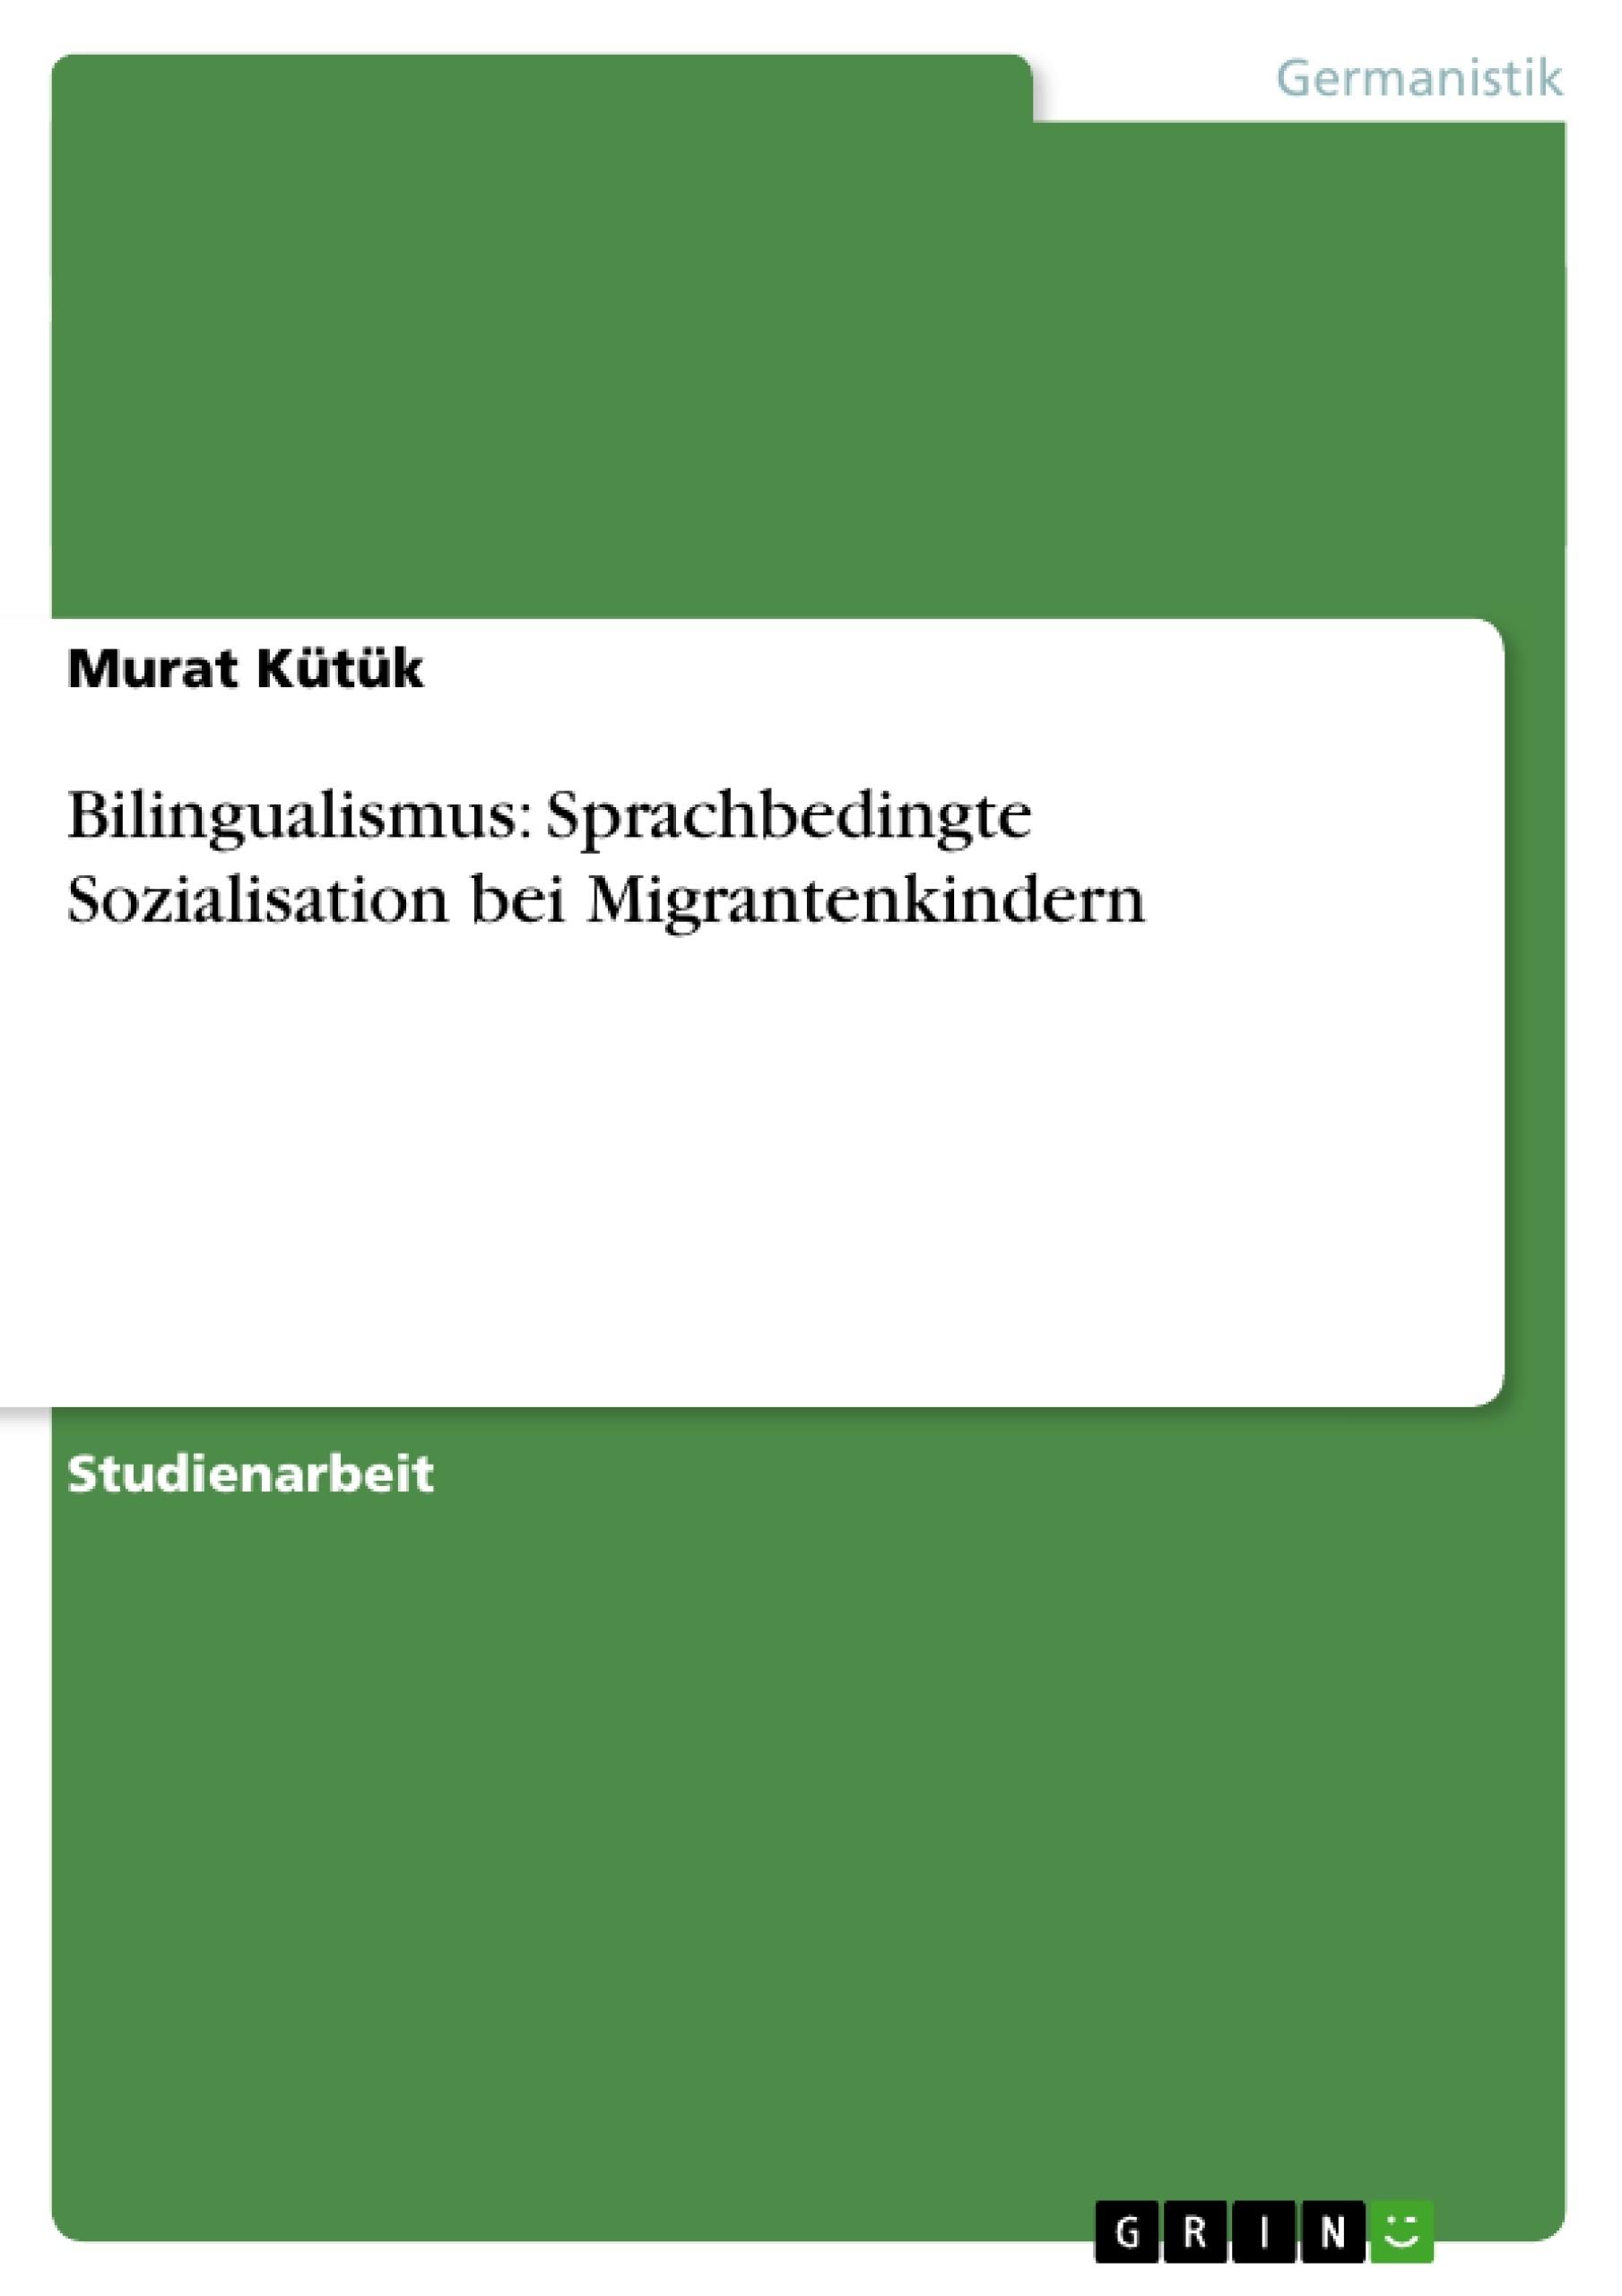 Titel: Bilingualismus: Sprachbedingte Sozialisation bei Migrantenkindern